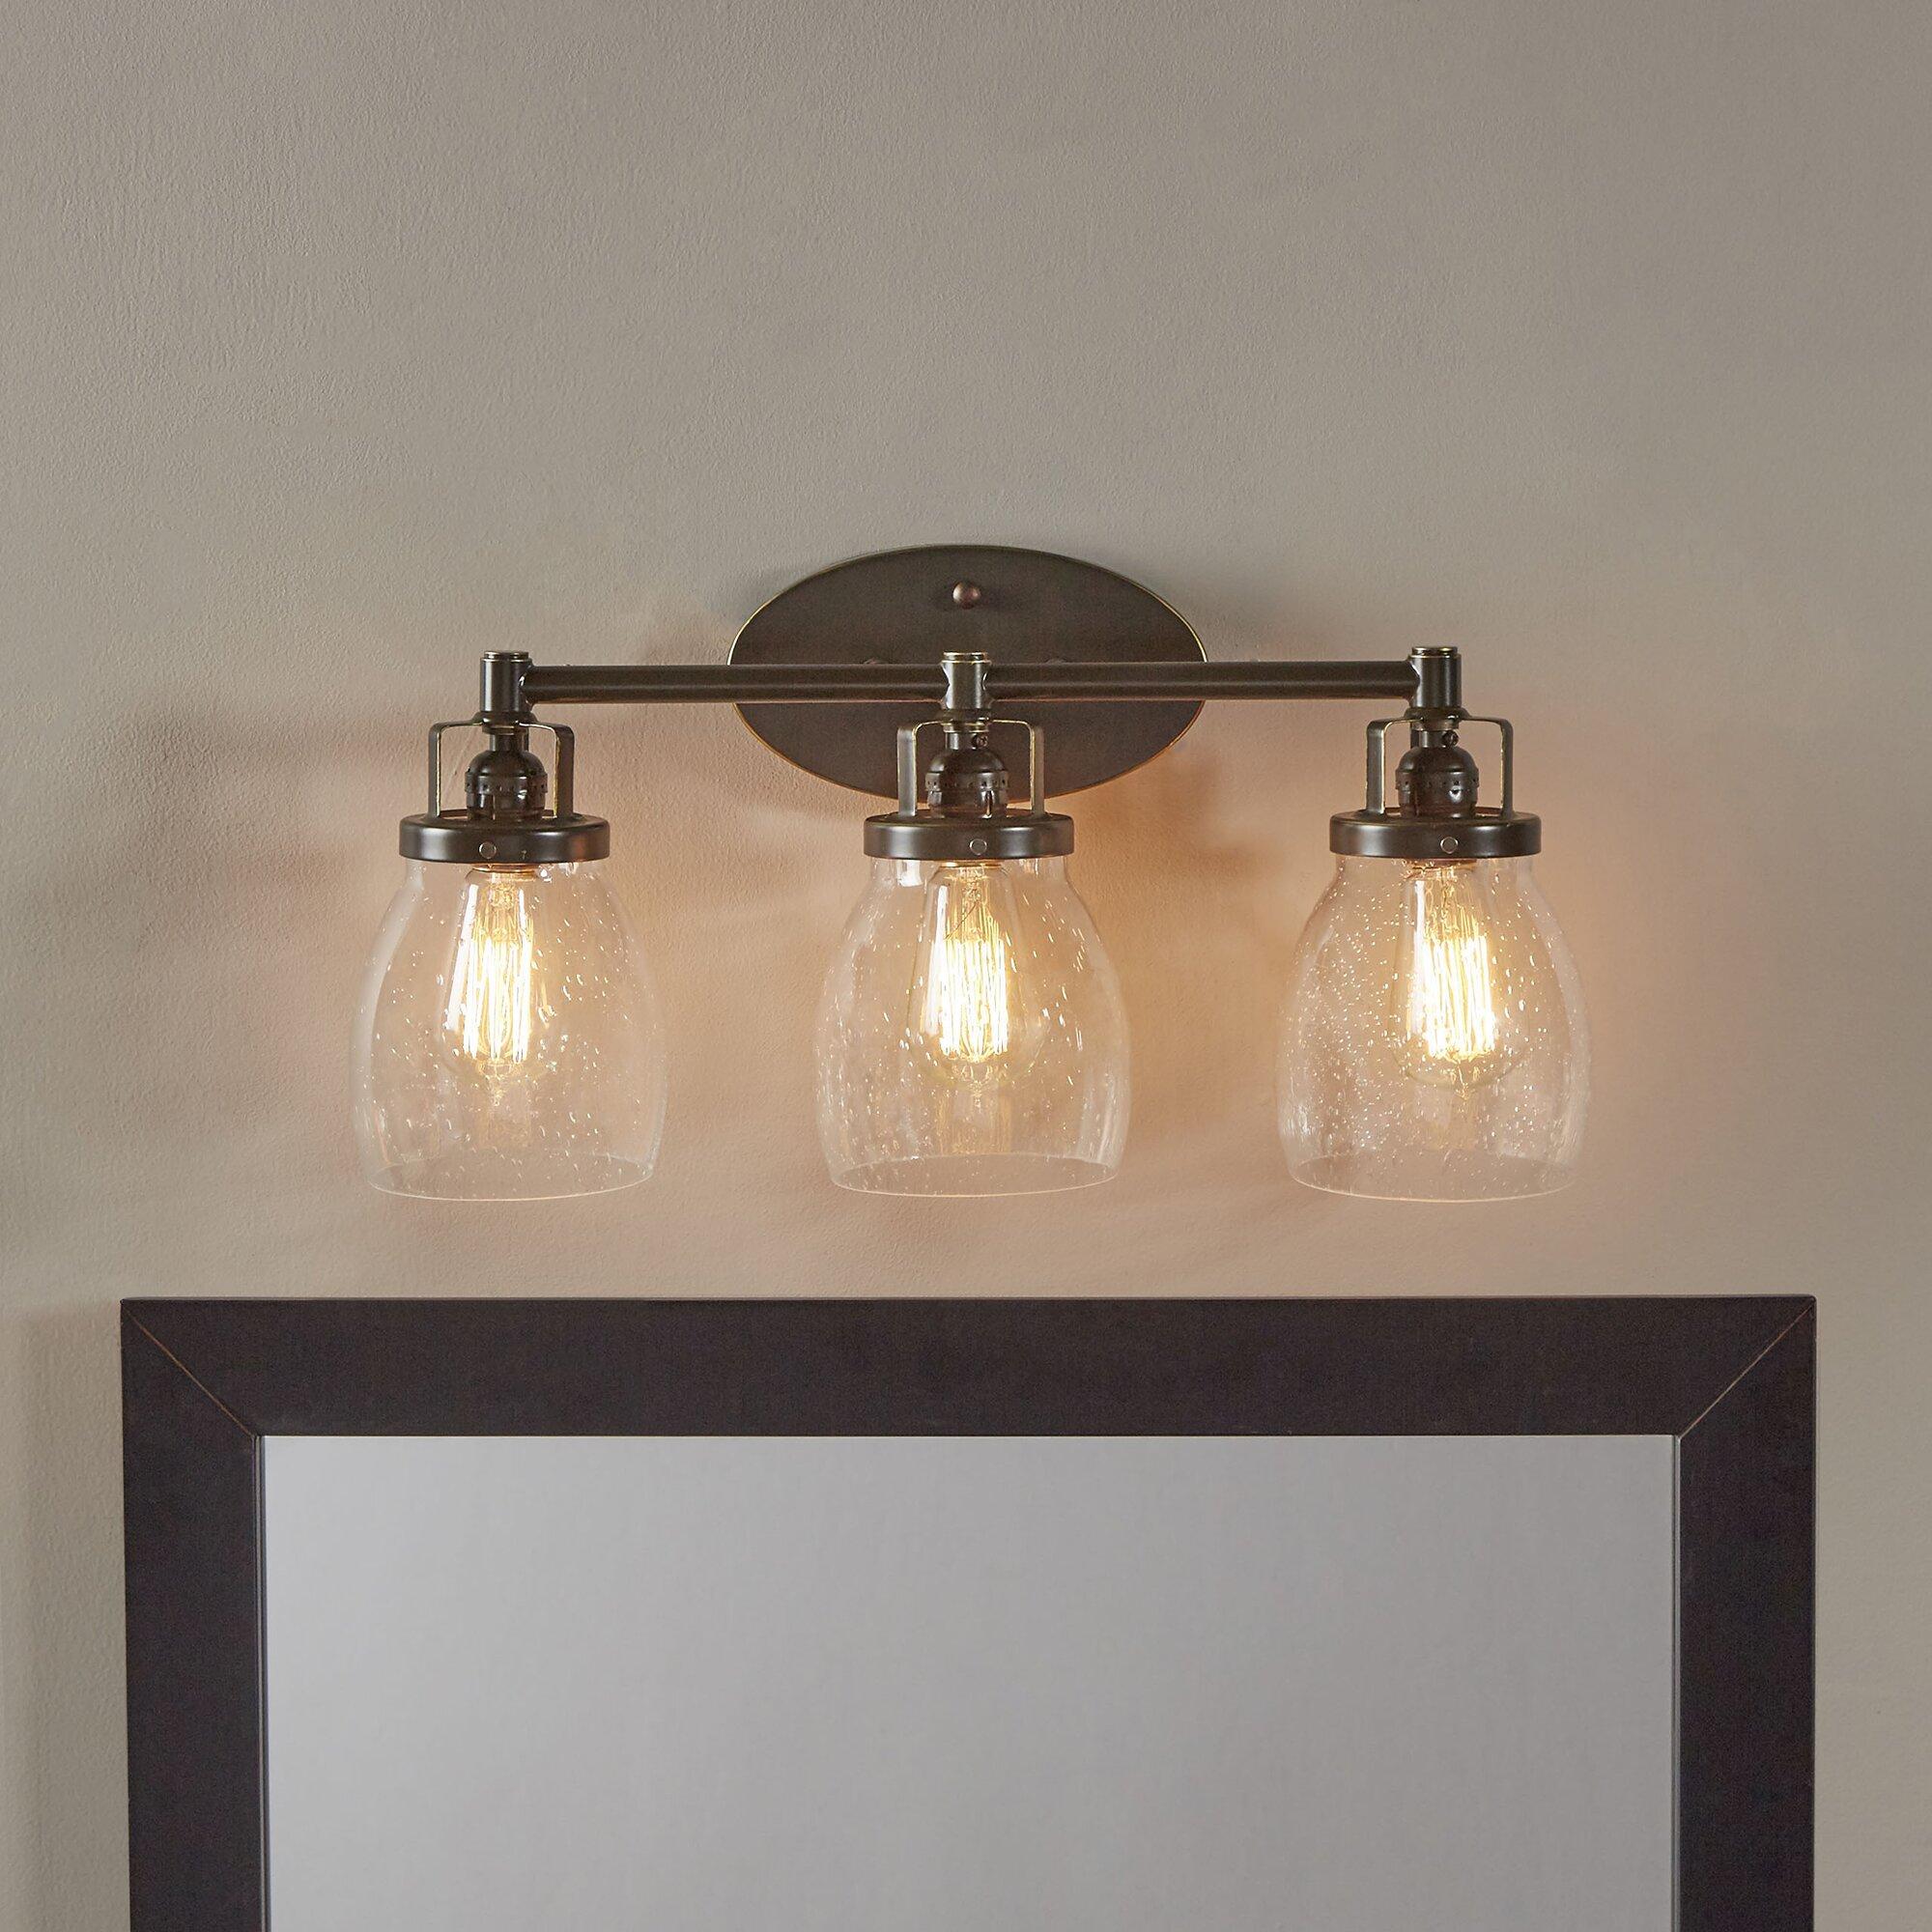 48 Vanity Light Bronze : Yesler Heirloom Bronze 3-Light Vanity Light & Reviews Birch Lane